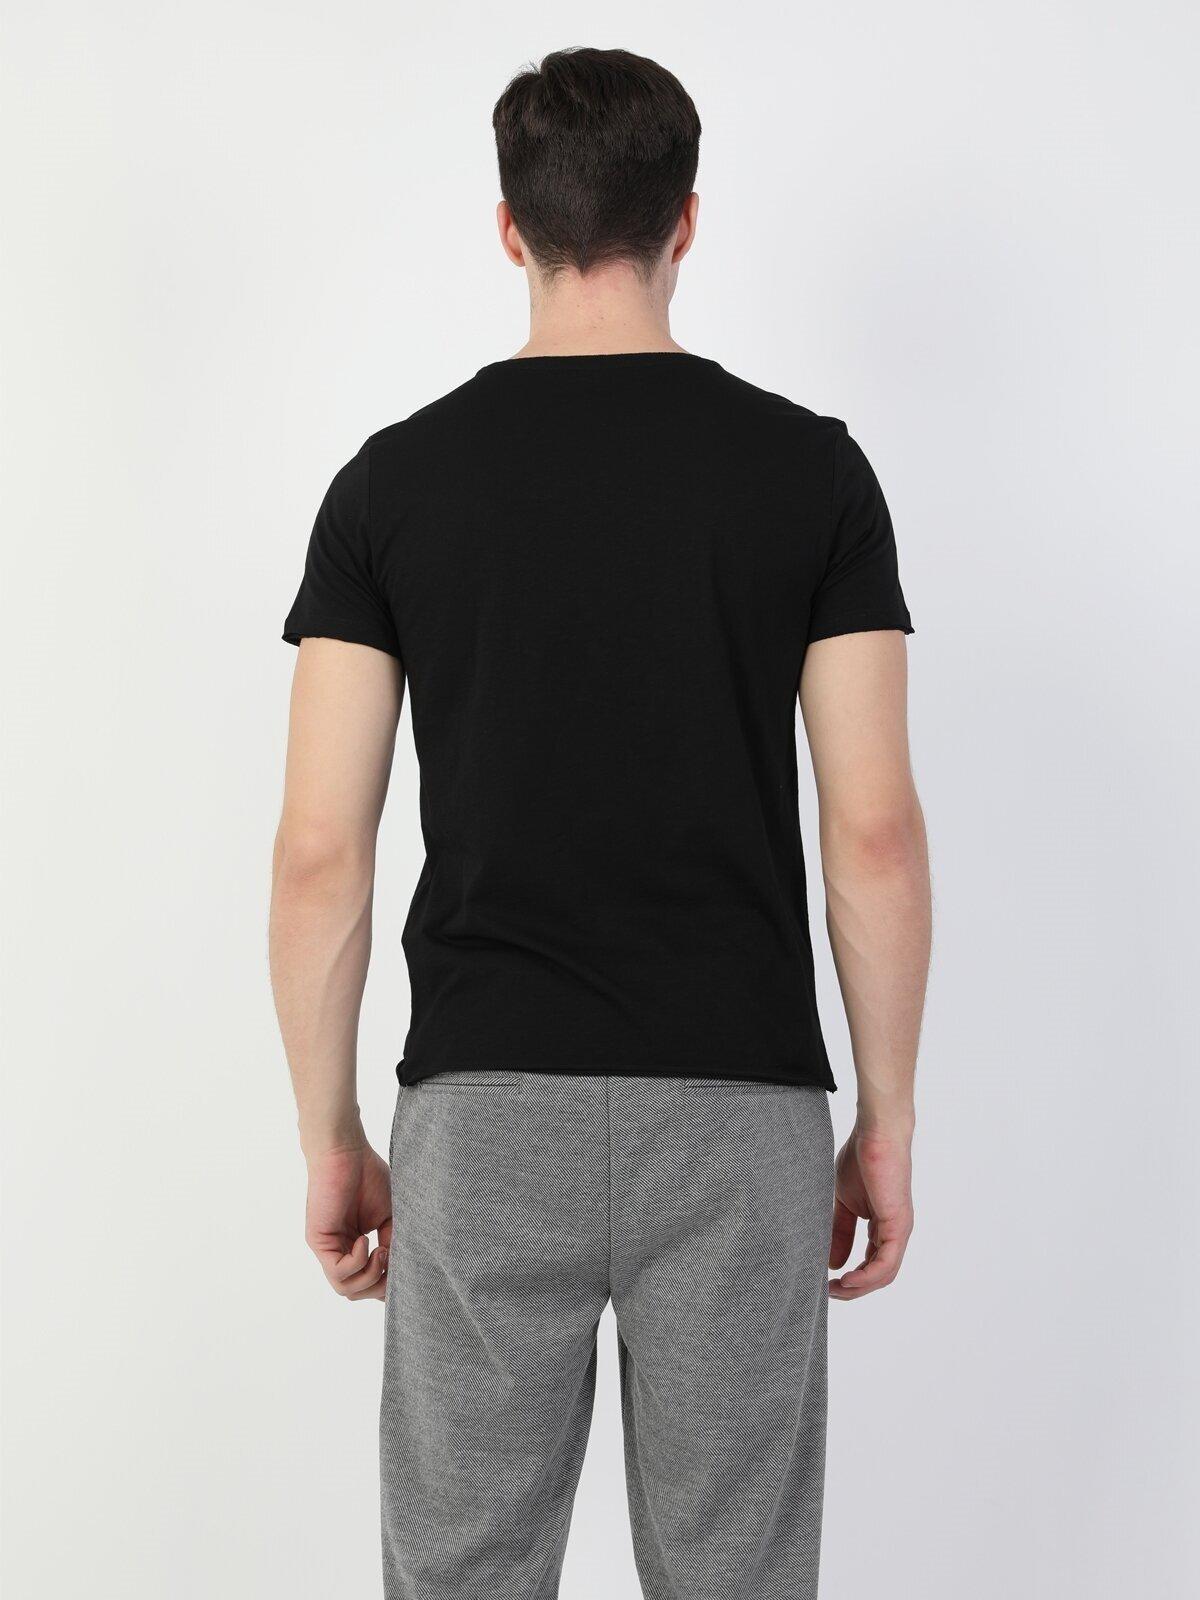 Показать информацию о Мужская футболка с коротким рукавом regular fit CL1048259